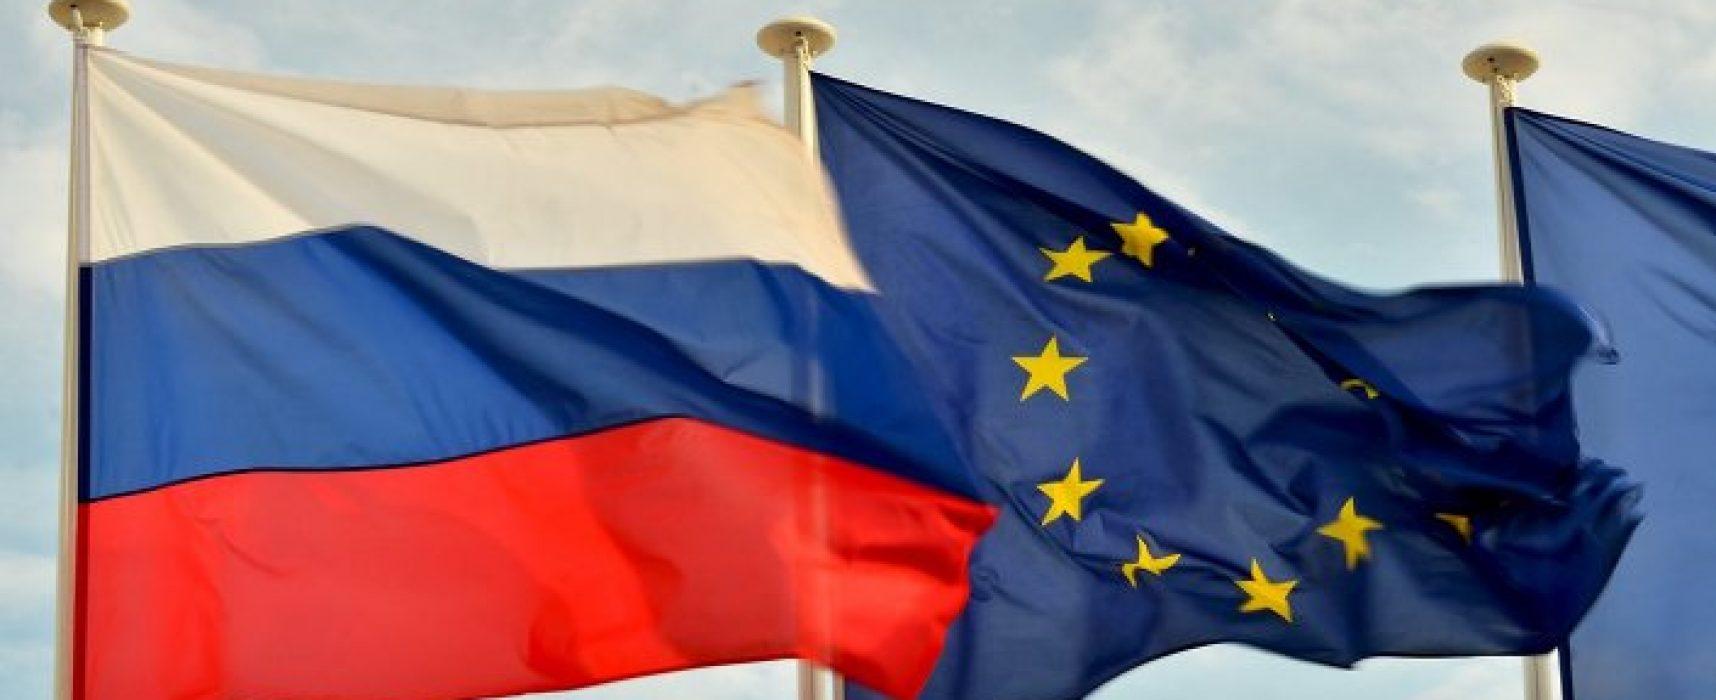 La UE refuerza sus armas contra la propaganda rusa